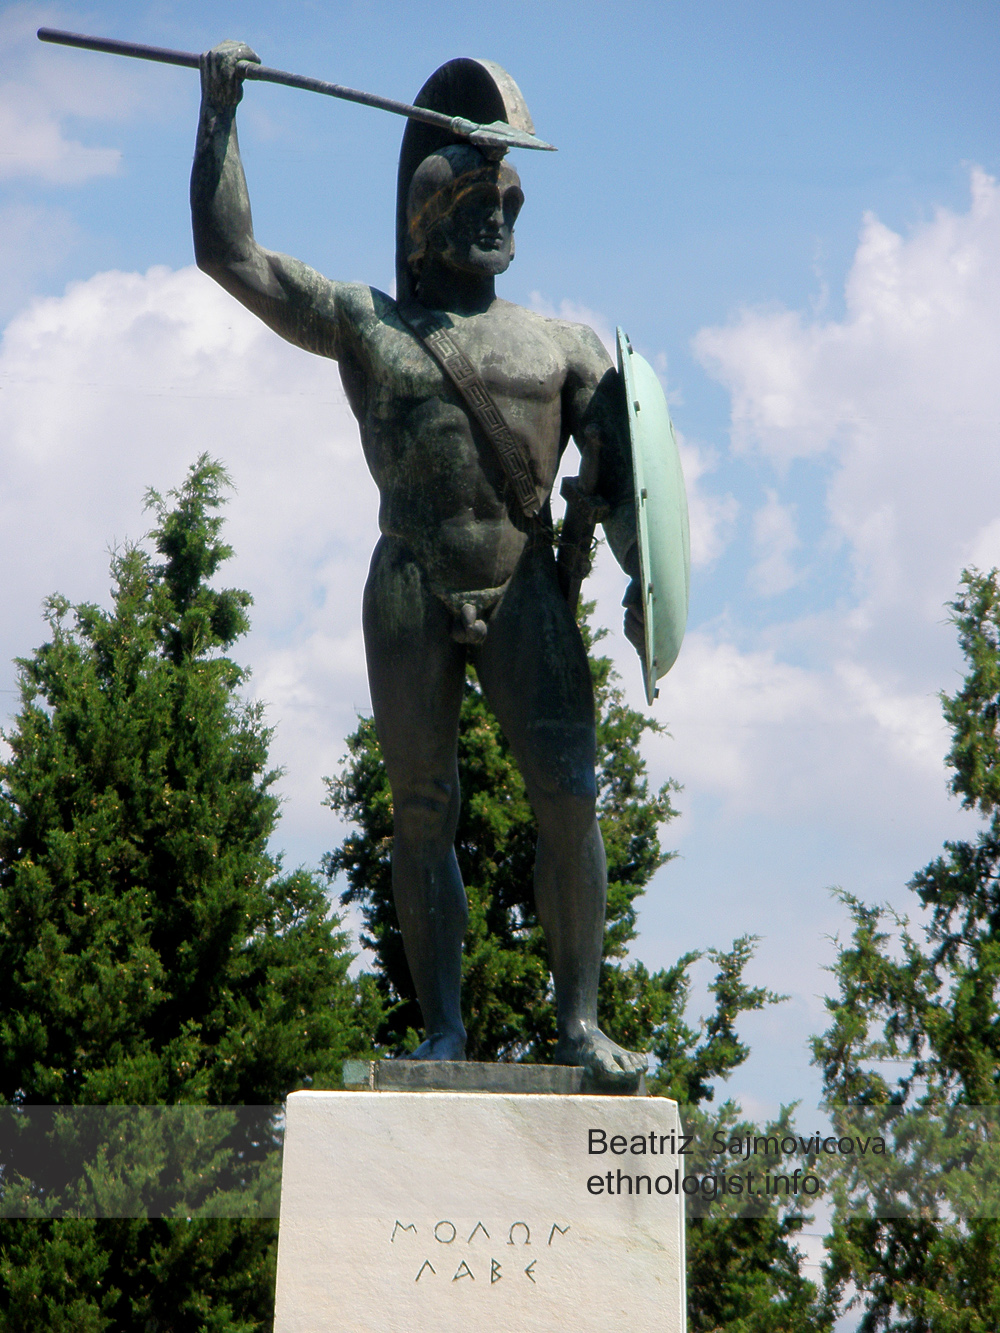 Socha spartského krále Leónidase. Foto: Beatriz Šajmovičová, Olympus, 2010.